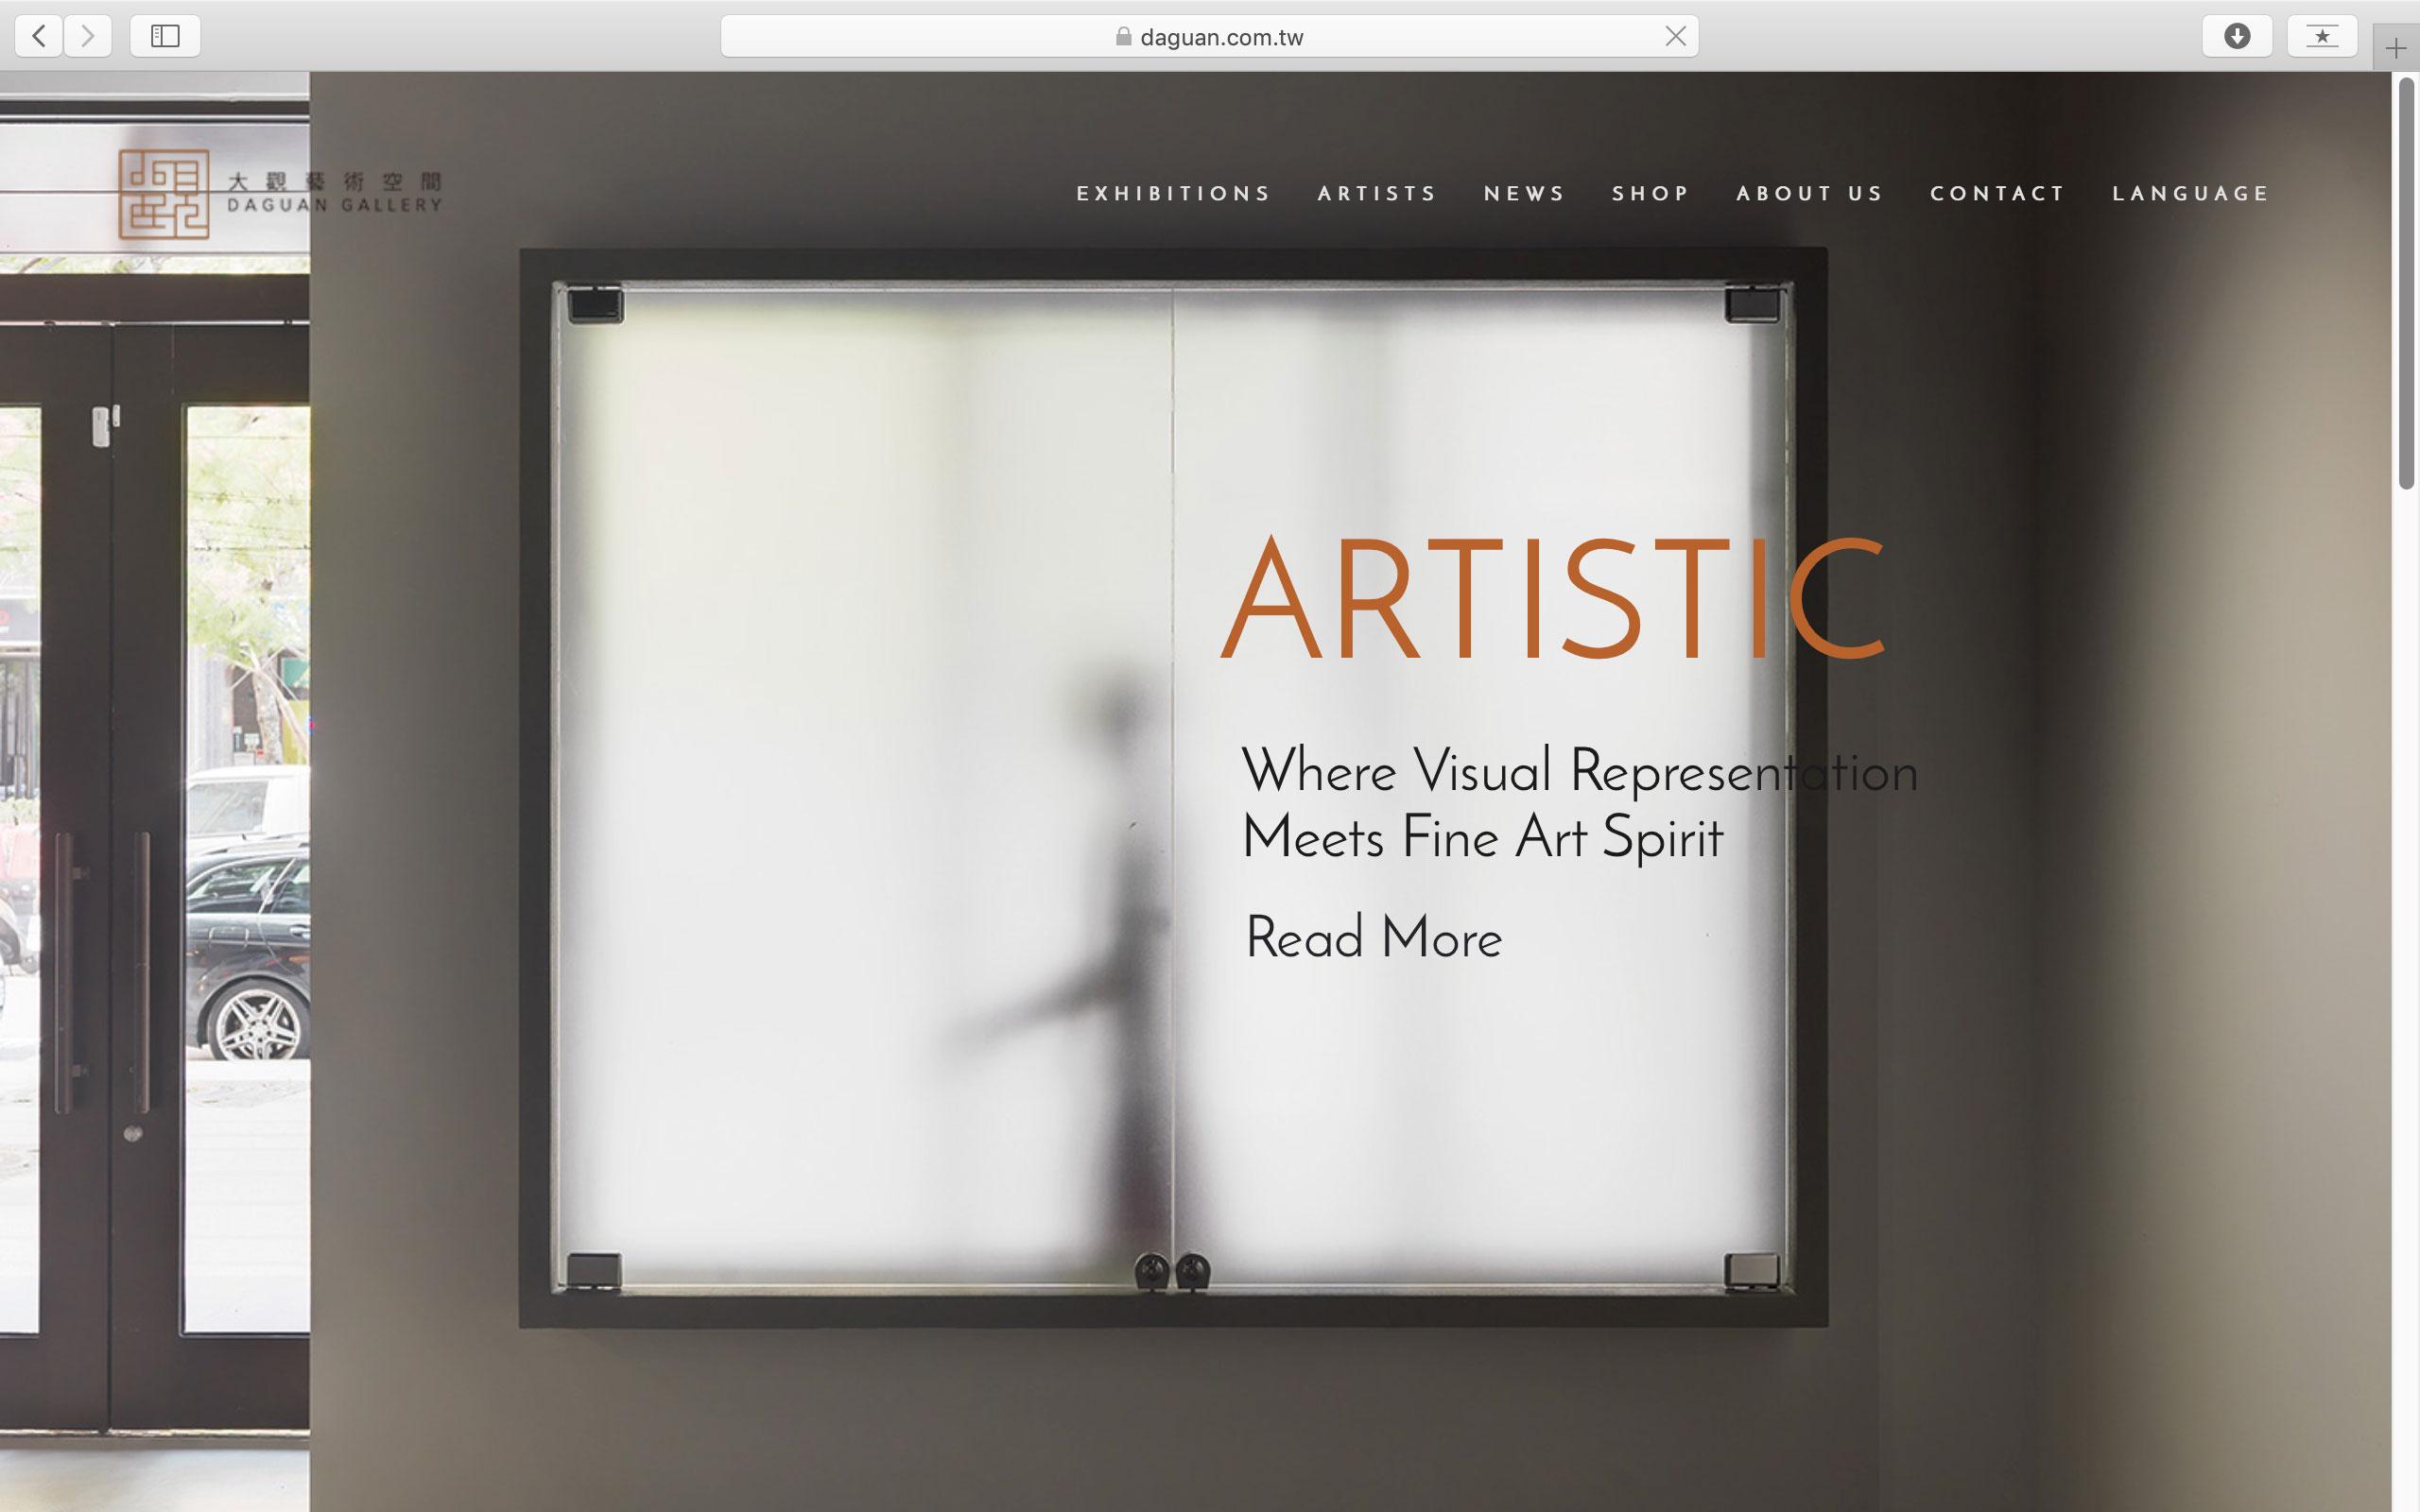 网页设计作品,网页设计,大观艺术,空间摄影,艺廊摄影,美术馆,展场摄影,艺术,RWD网页设计,响应式网页设计,复合式作品集,复合式讯息栏位,多媒体动态页面,崁入Google Map 地图